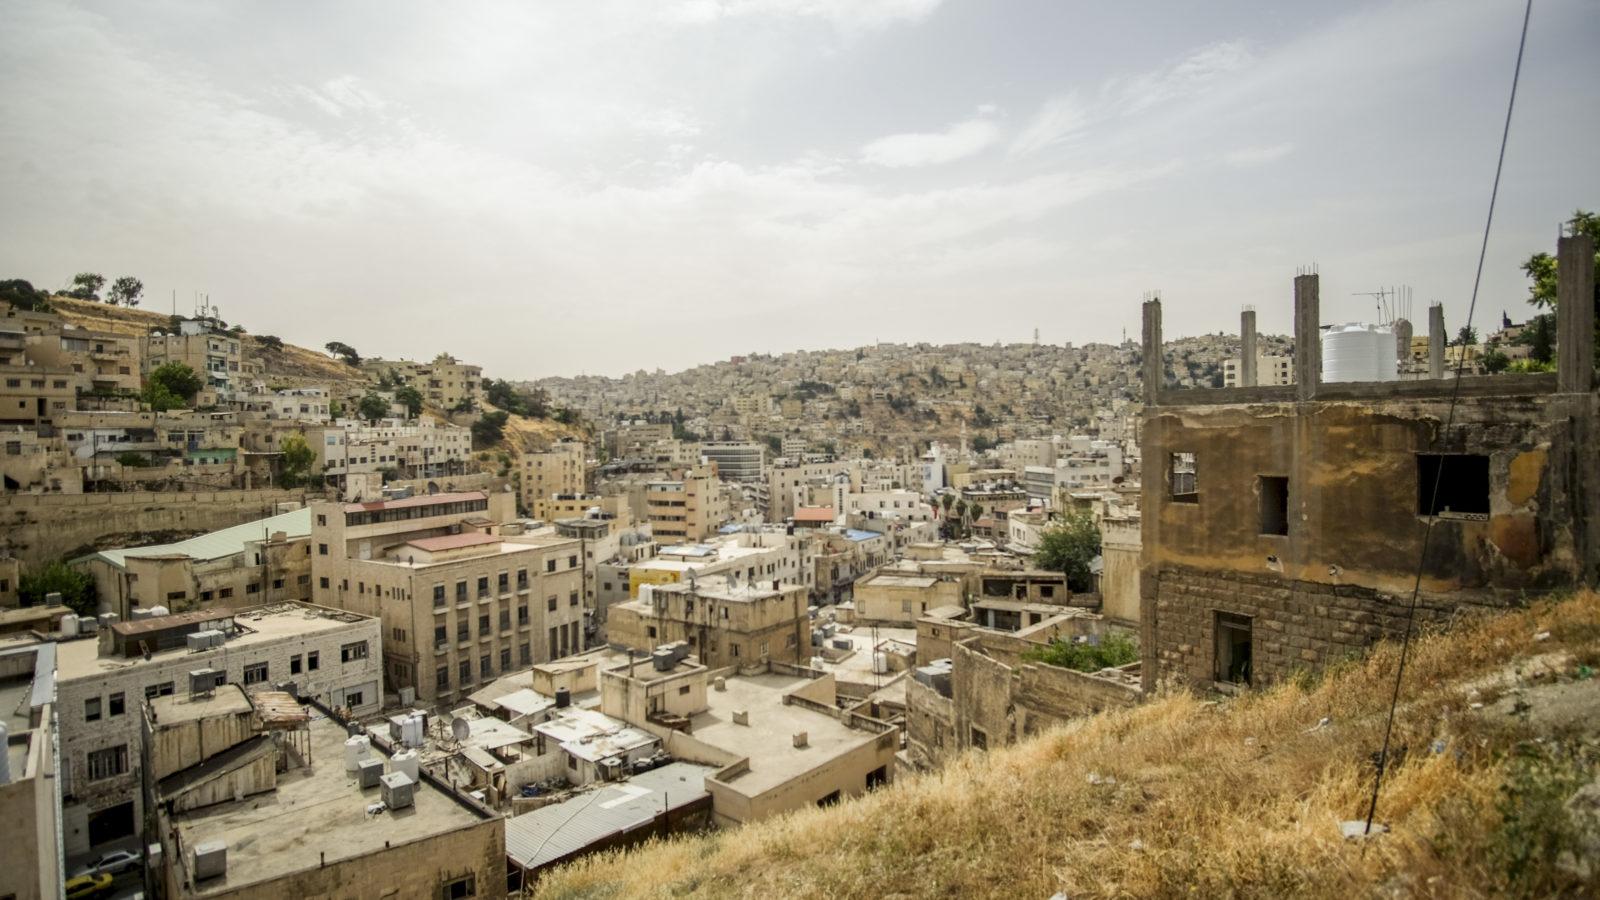 1805_Hombre_SWK_Baladk_Amman-4871